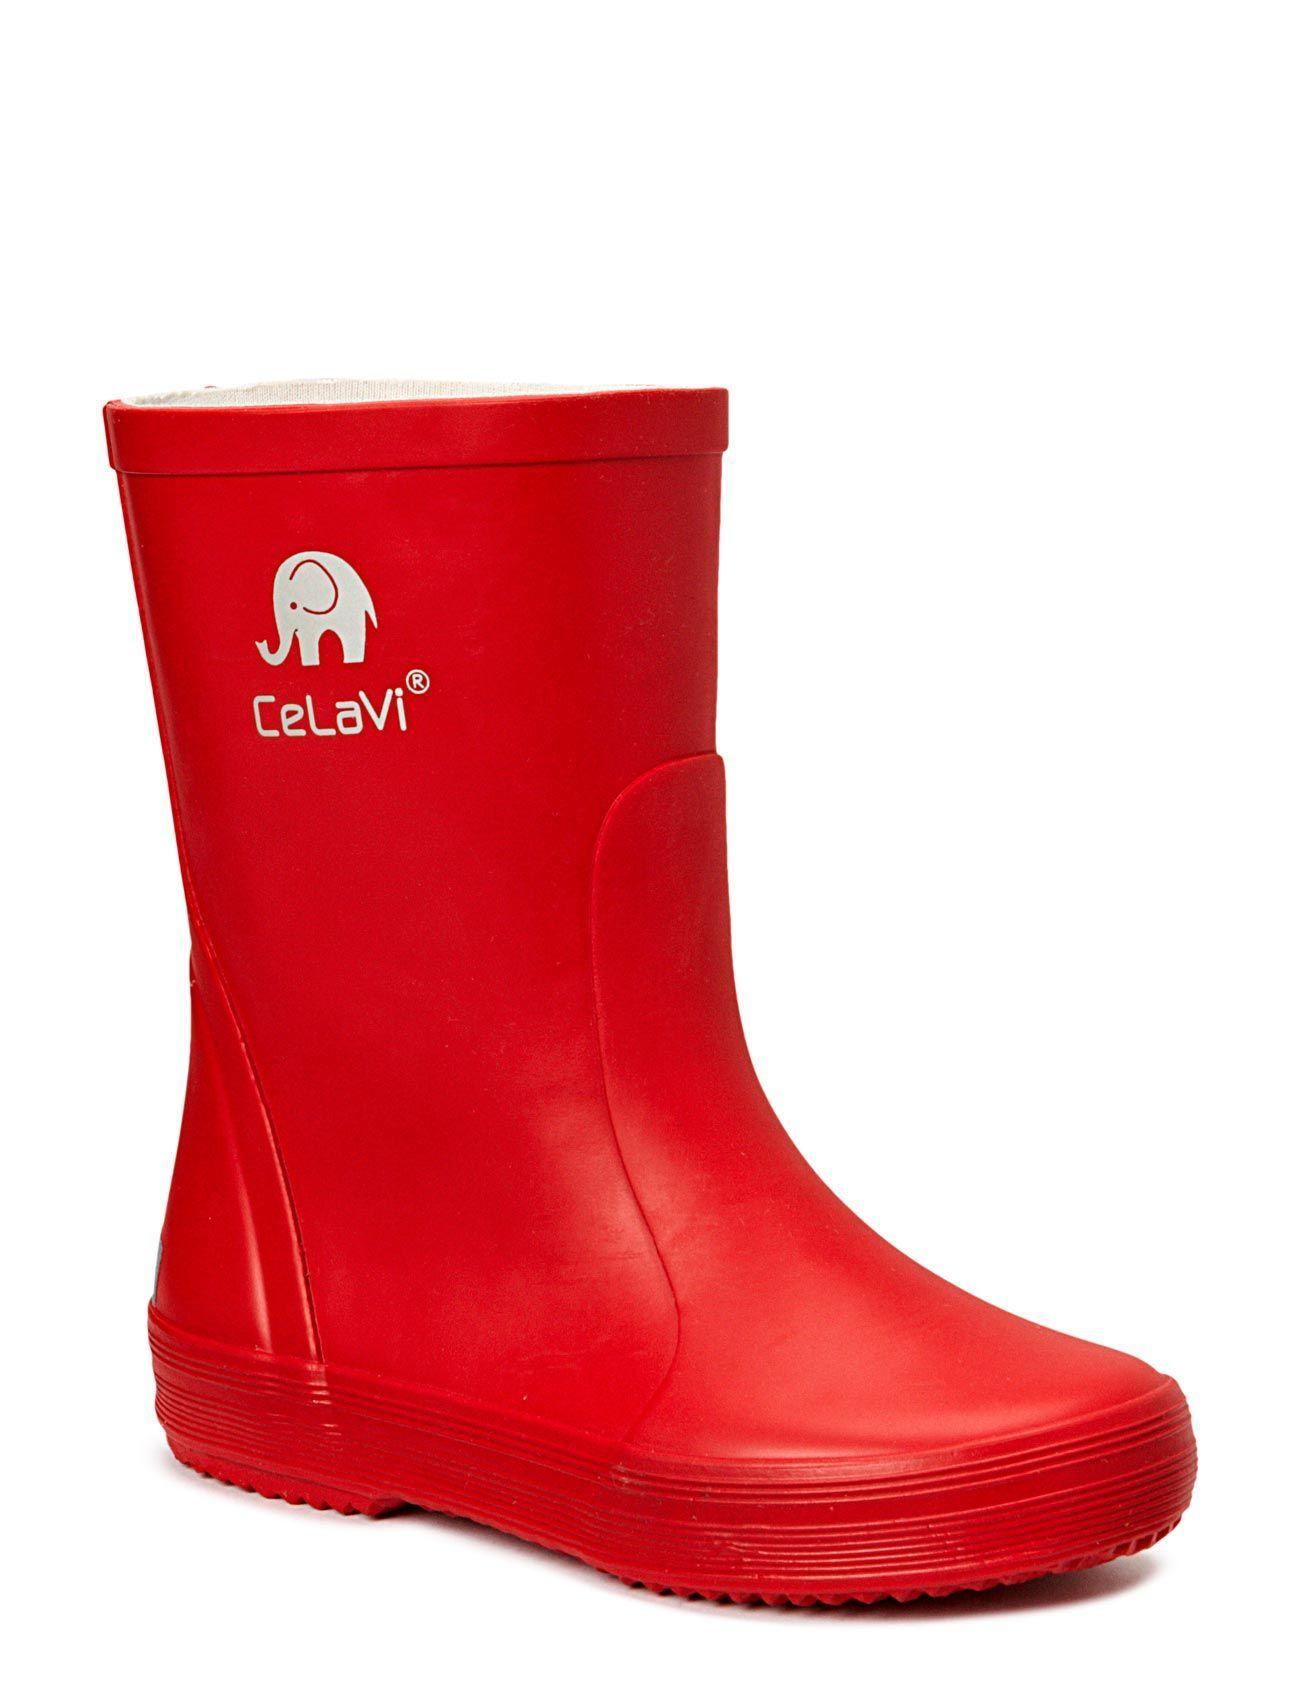 Basic Wellies, Solid CeLaVi Gummistøvler til Børn i Rød